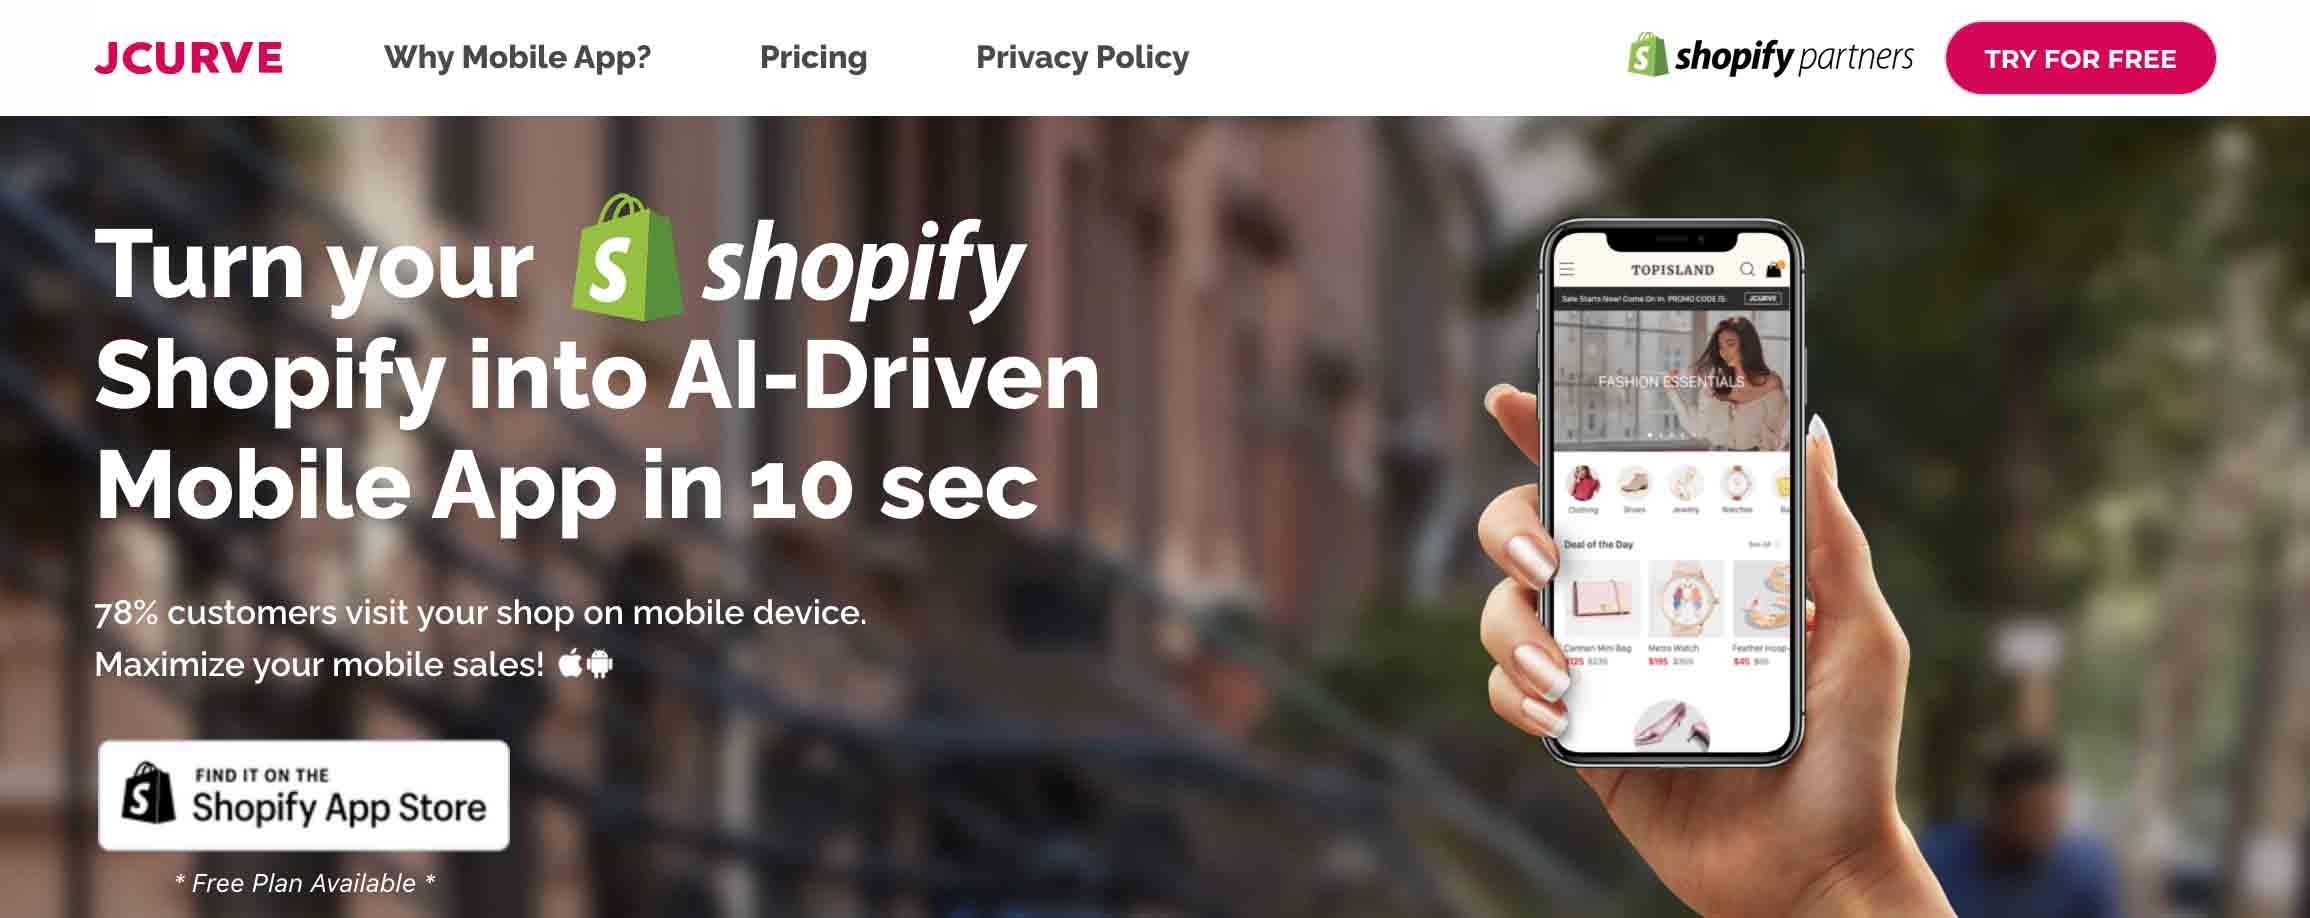 JCurve Shopify Mobile App Builder